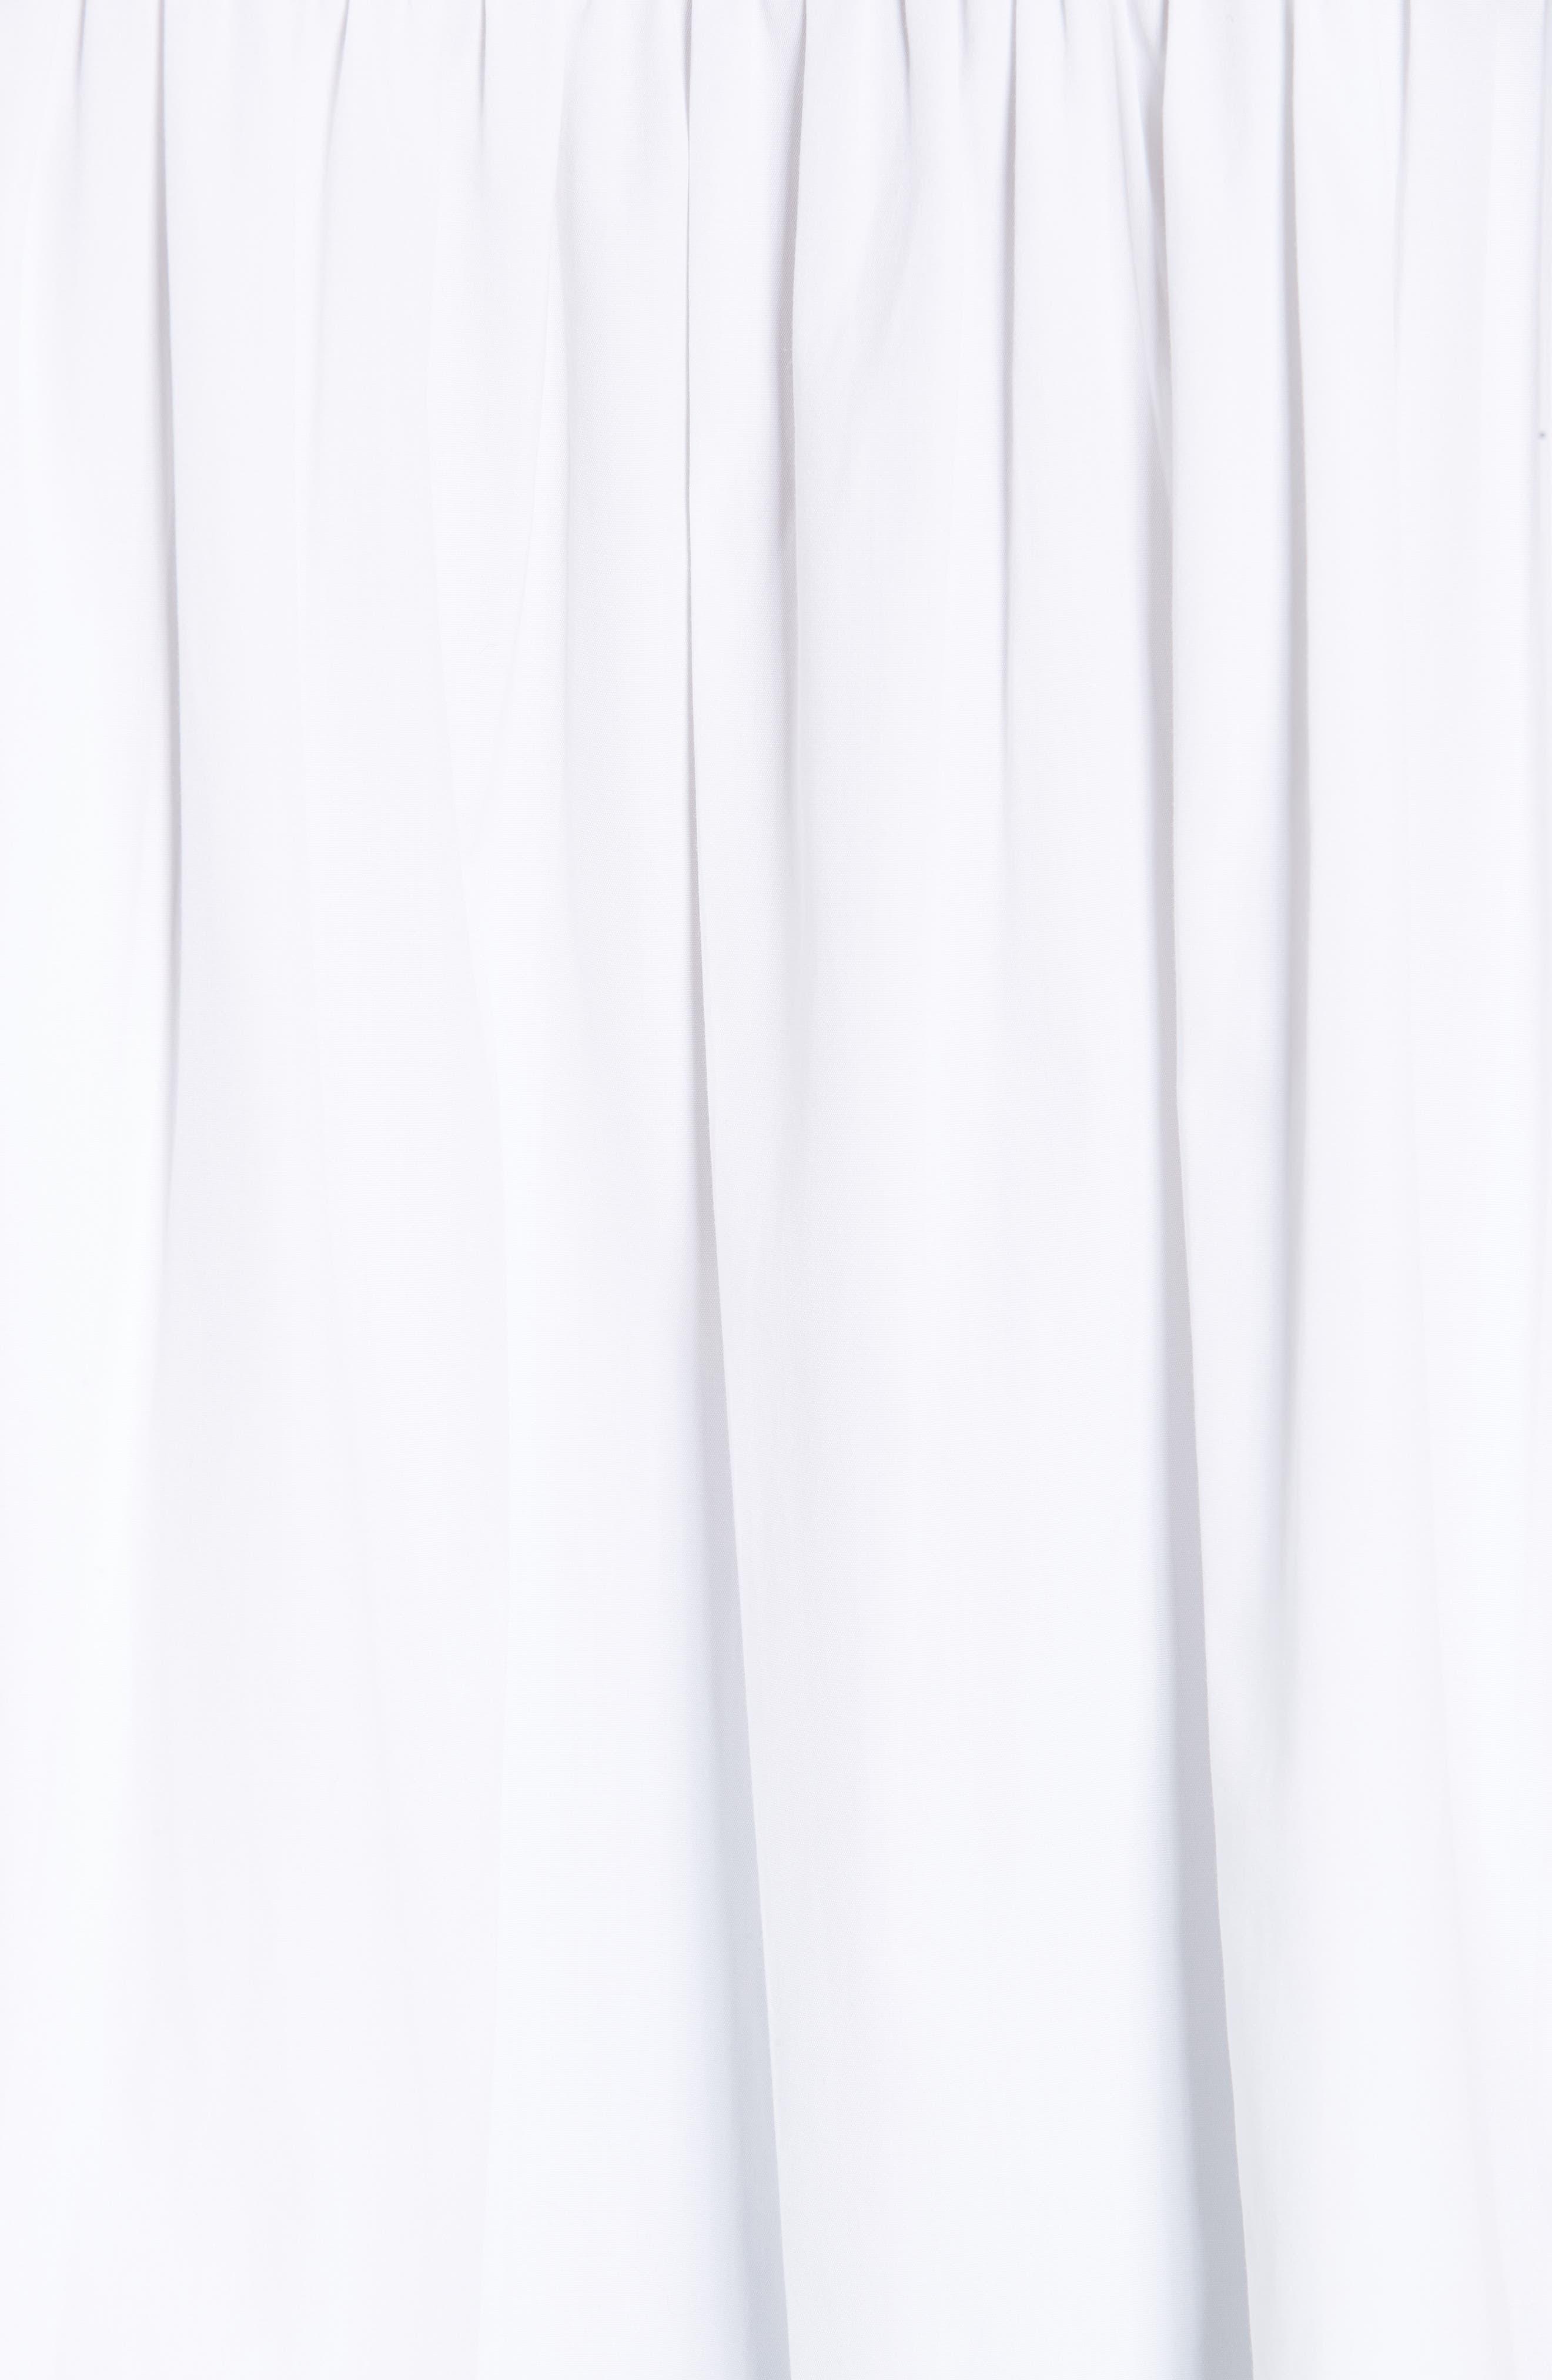 CALVIN KLEIN 205W39NYC, Sash Detail Cotton Poplin Top, Alternate thumbnail 6, color, OPTIC WHITE